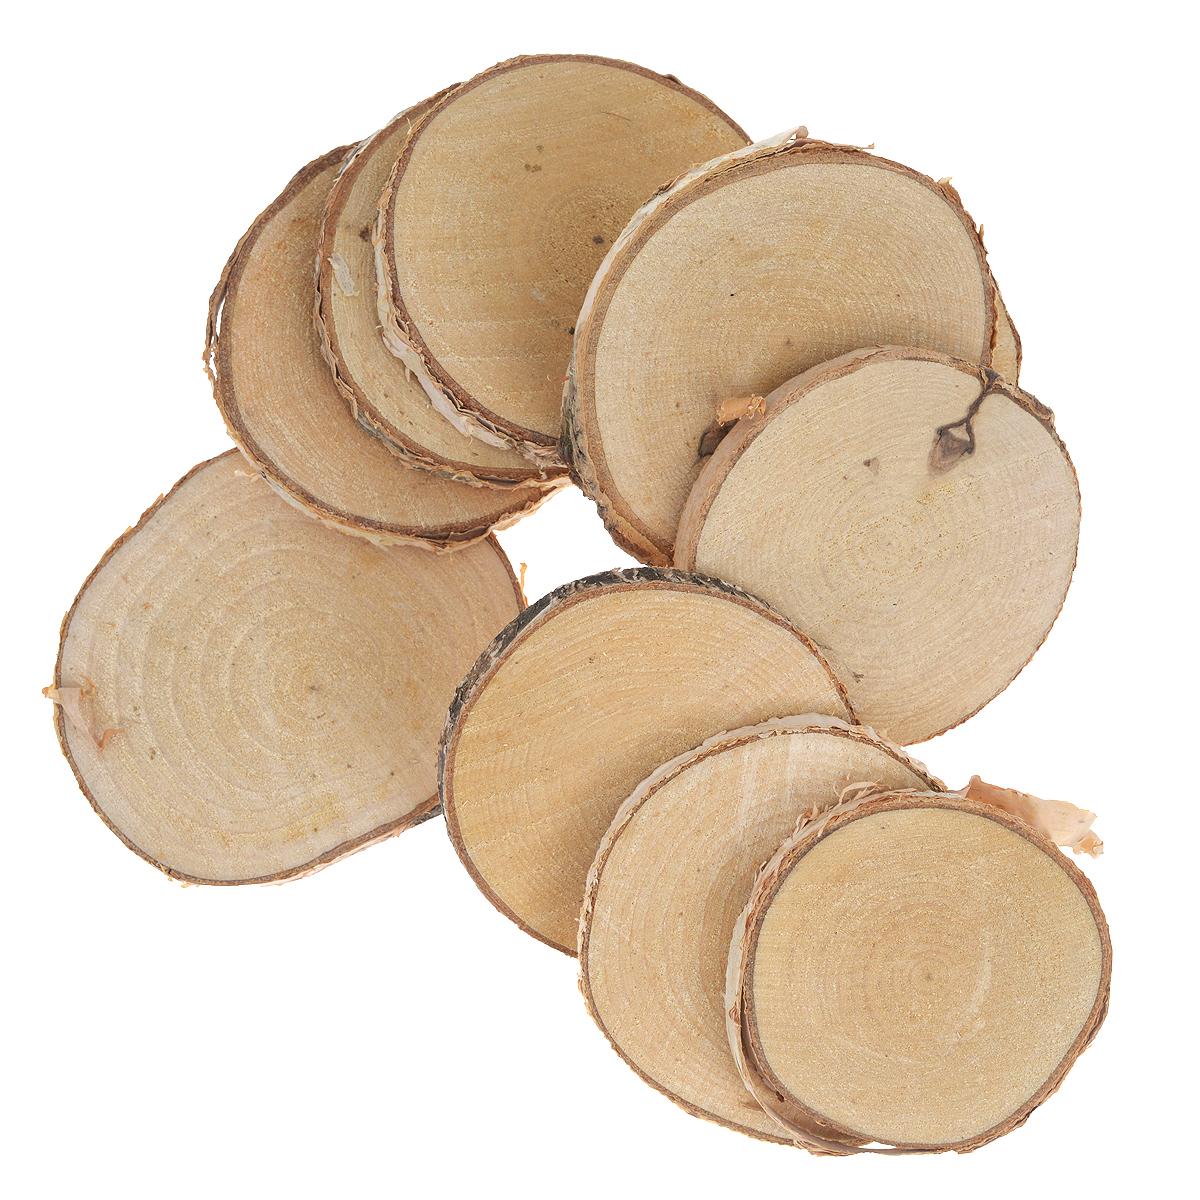 Декоративный элемент Dongjiang Art Срез ветки, цвет: натуральное дерево, толщина 7 мм, 10 шт. 77090297709029Декоративный элемент Dongjiang Art Срез ветки изготовлен из дерева.Изделие предназначено для декорирования. Декоративный элемент представляет собой тонкий срез ветки. Срез может пригодиться во флористике и многом другом. Флористика - вид декоративно-прикладного искусства, который использует живые, засушенные или консервированные природные материалы для создания флористических работ. Это целый мир, в котором есть место и строгому математическому расчету, и вдохновению, полету фантазии. Толщина среза: 7 мм. Диаметр элемента: 6,5 см. Размер элемента: 7,5 см х 8,5 см.